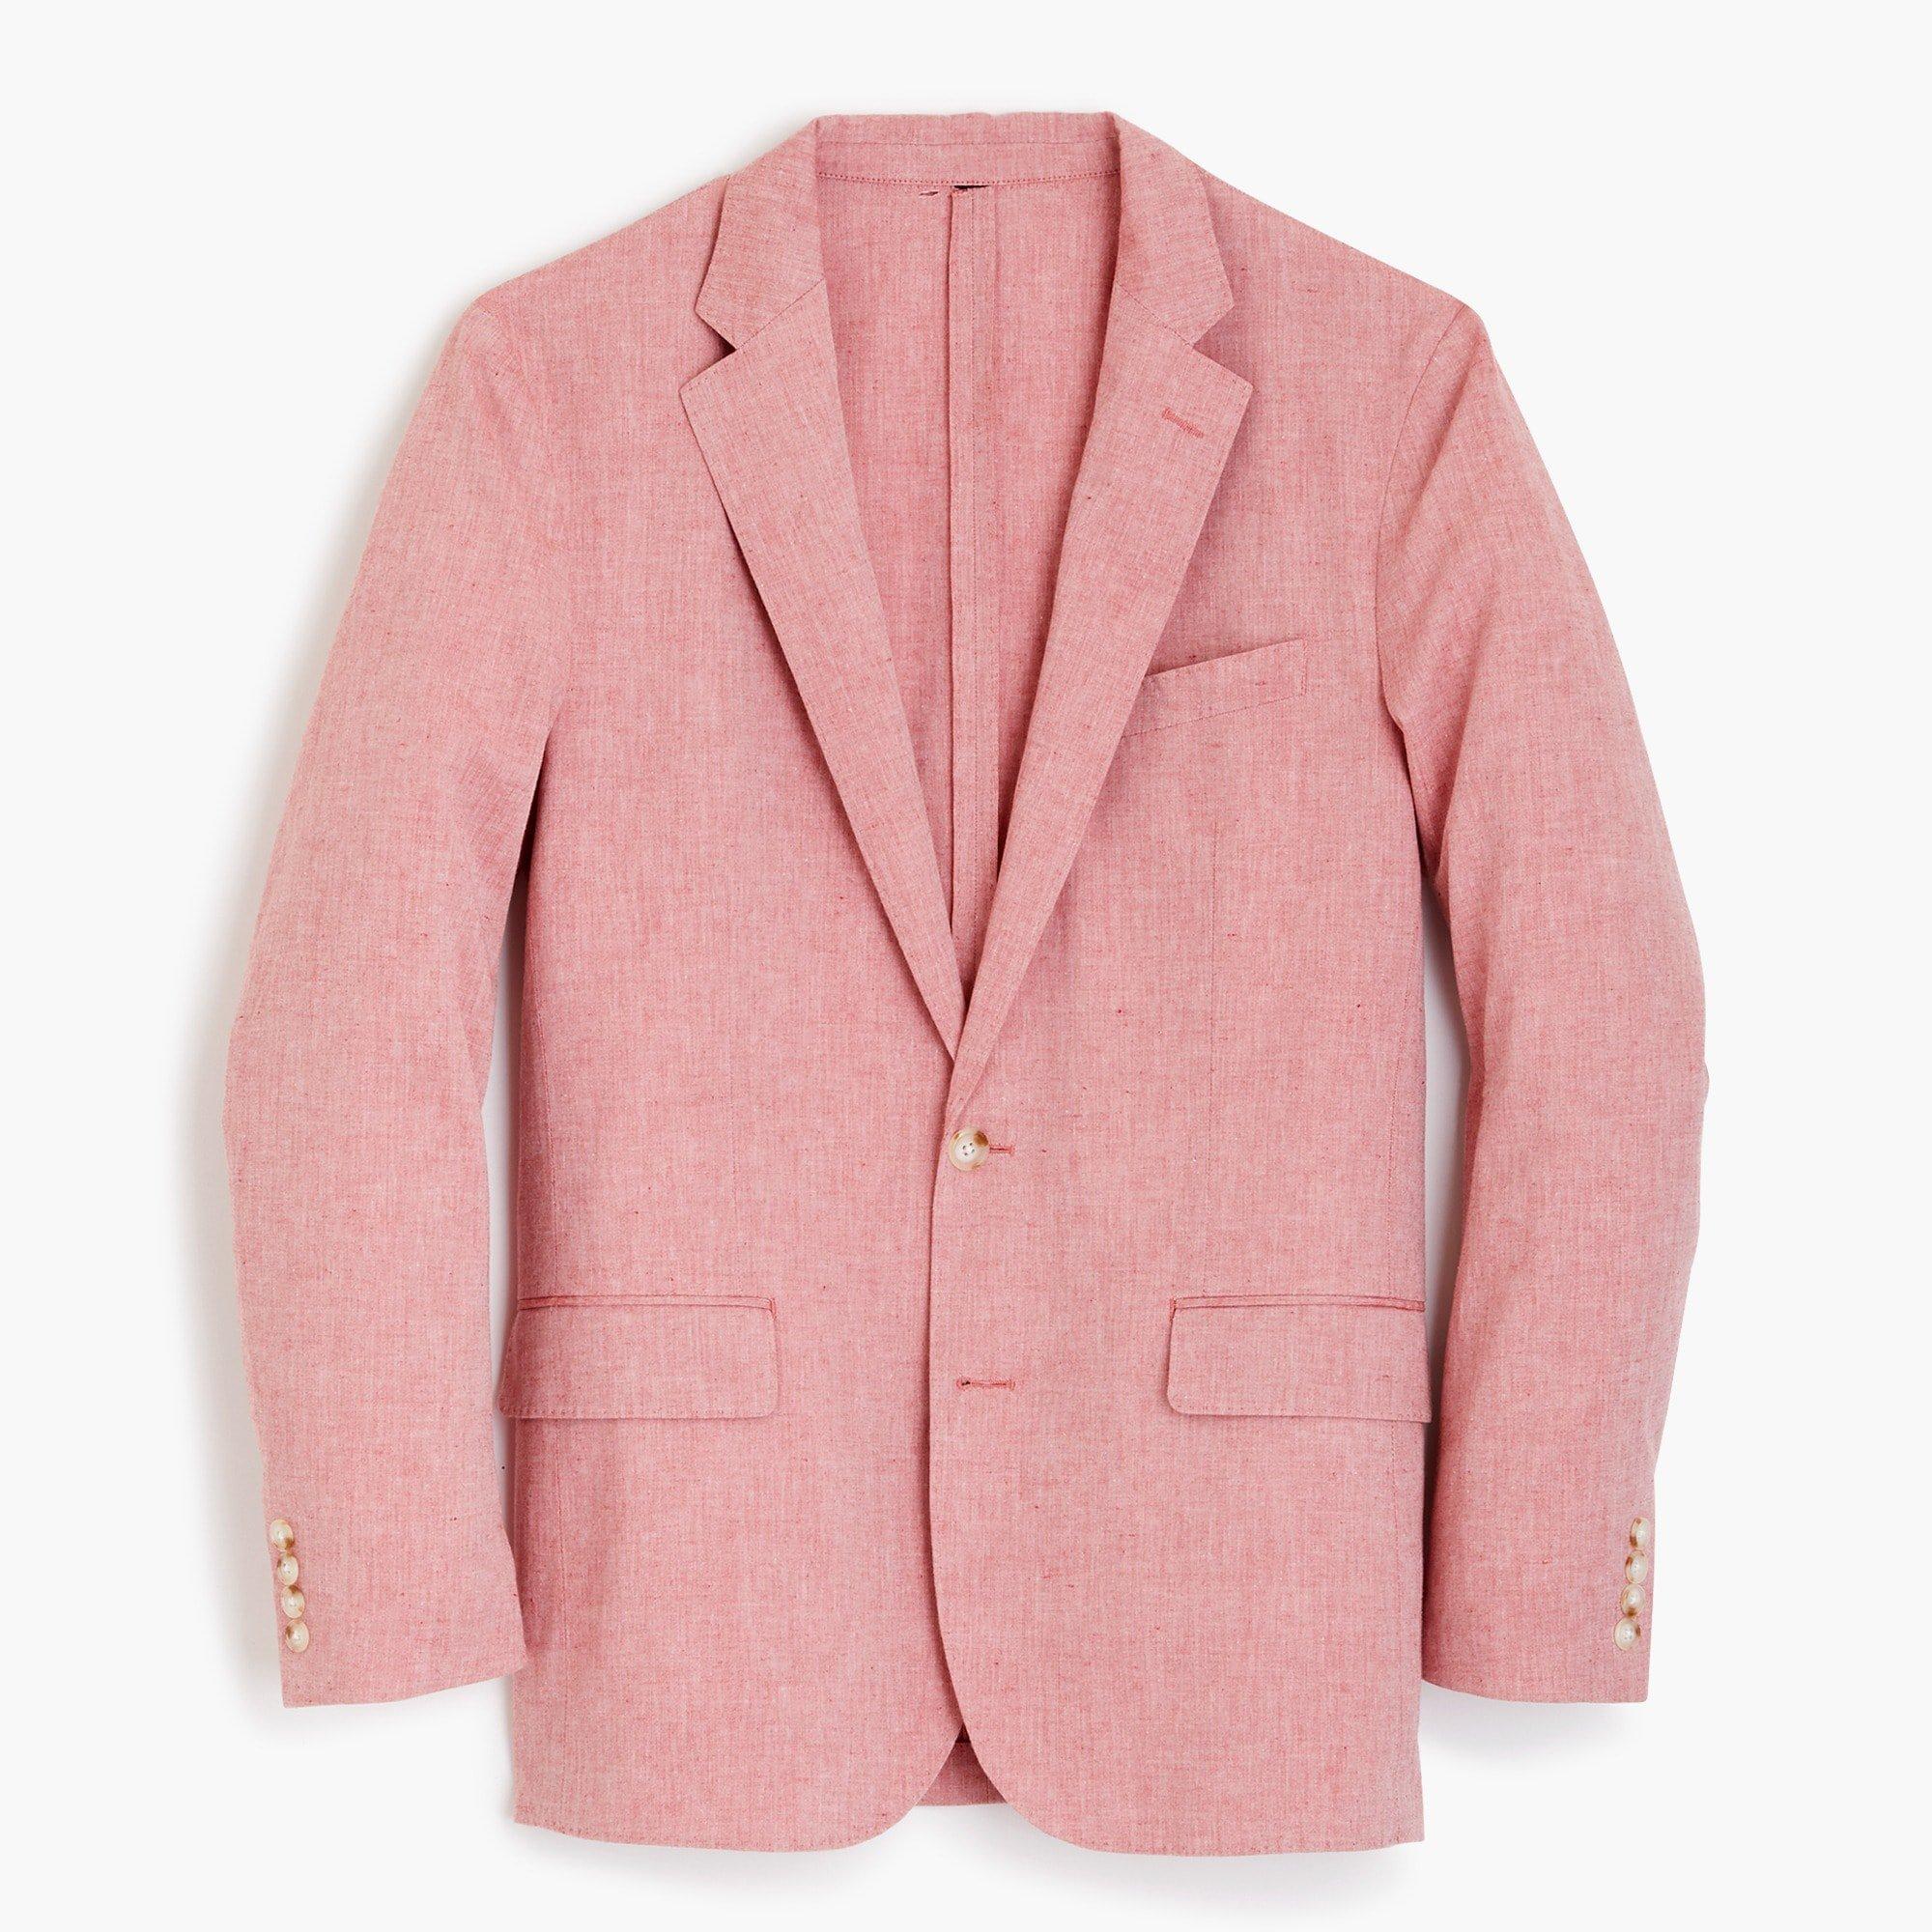 J.Crew: Ludlow Slim-fit unstructured blazer in cotton-linen